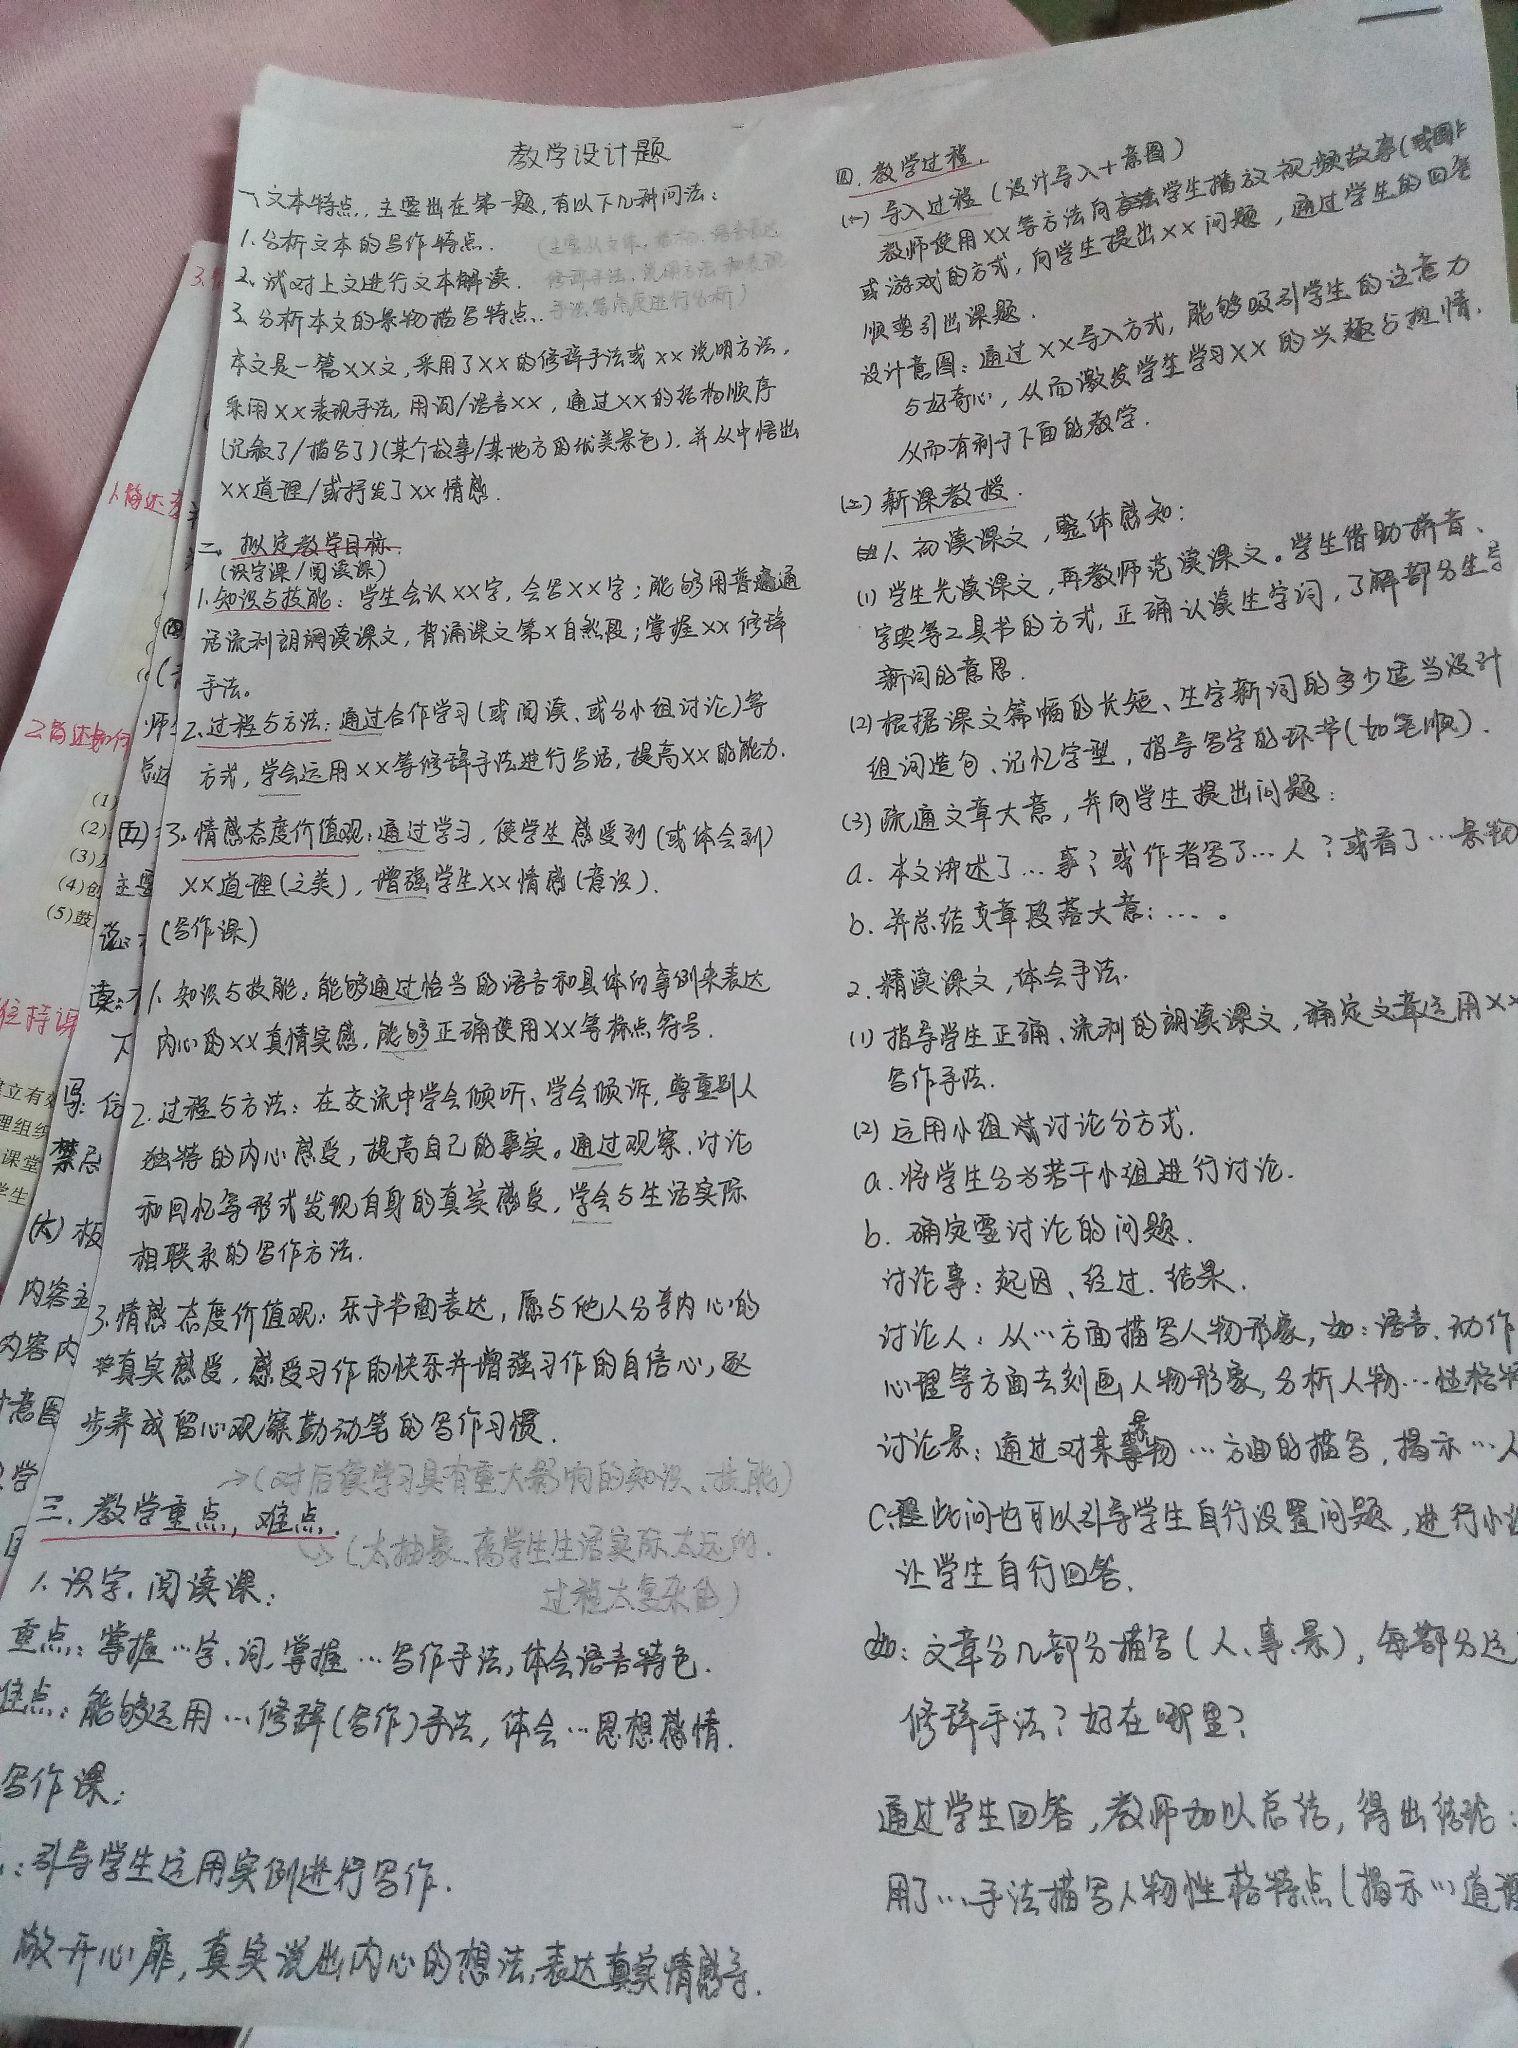 小学语文专业知识_非师范生如何考过教师资格证笔试(小学) - 知乎